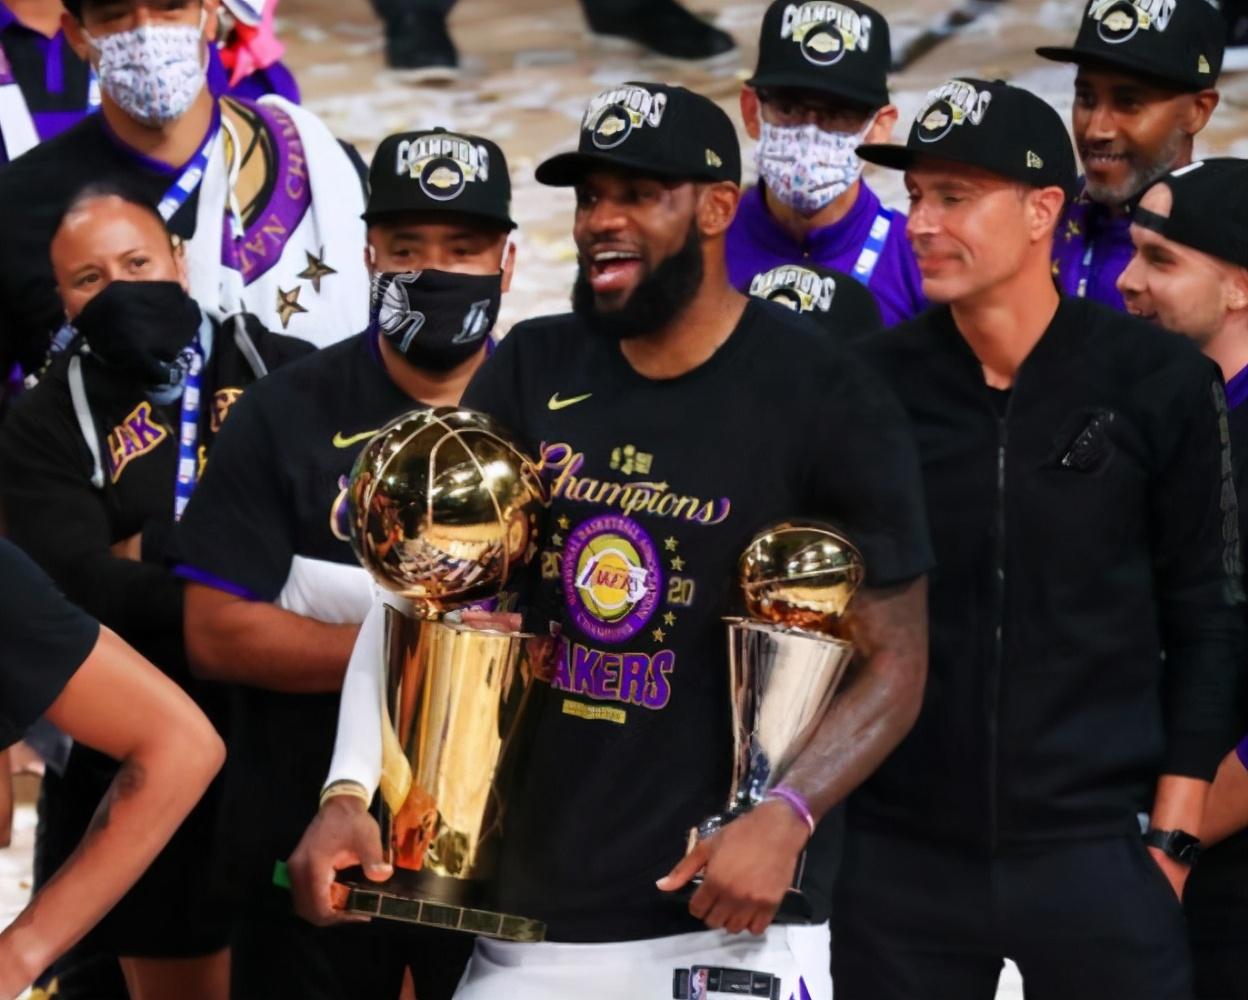 篮网有意8400万大将,想组成三巨头冲冠的他们,内有隐患?